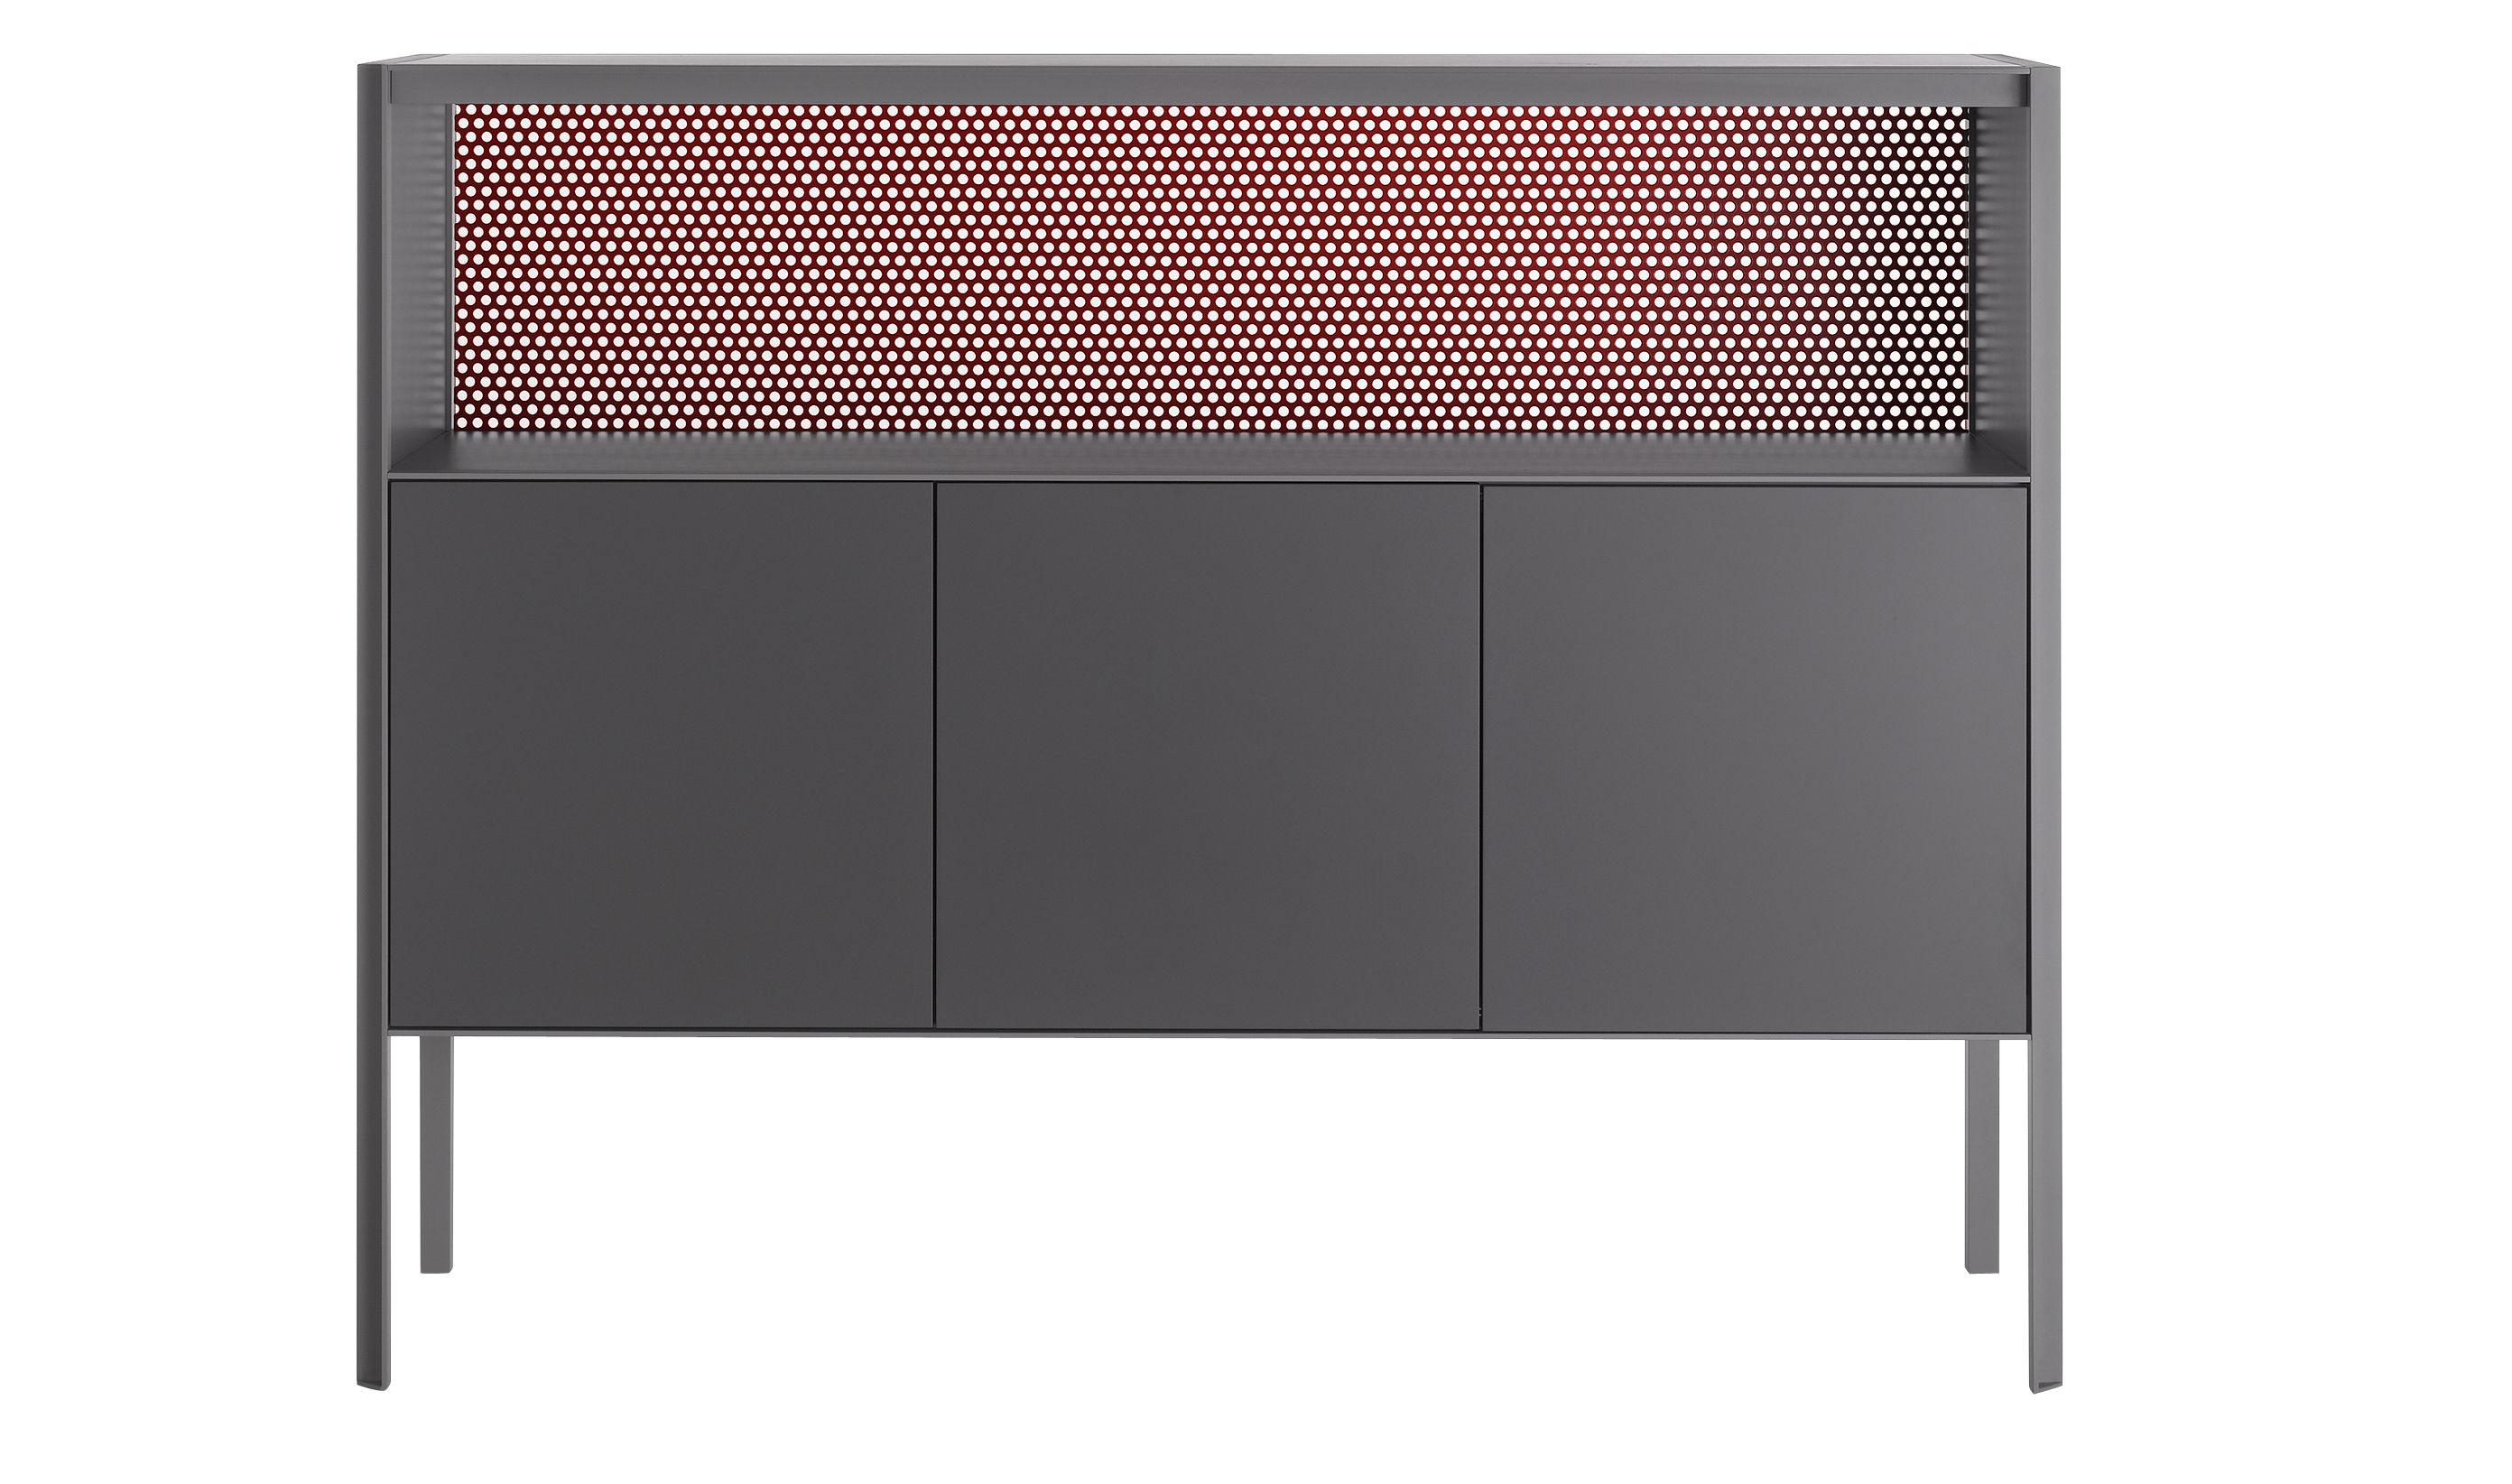 Mobilier - Commodes, buffets & armoires - Buffet Heron / Haut - L 151 x H 116 cm - MDF Italia - Gris & fond rouge / Côtés gris - Contreplaqué laqué, Métal laqué